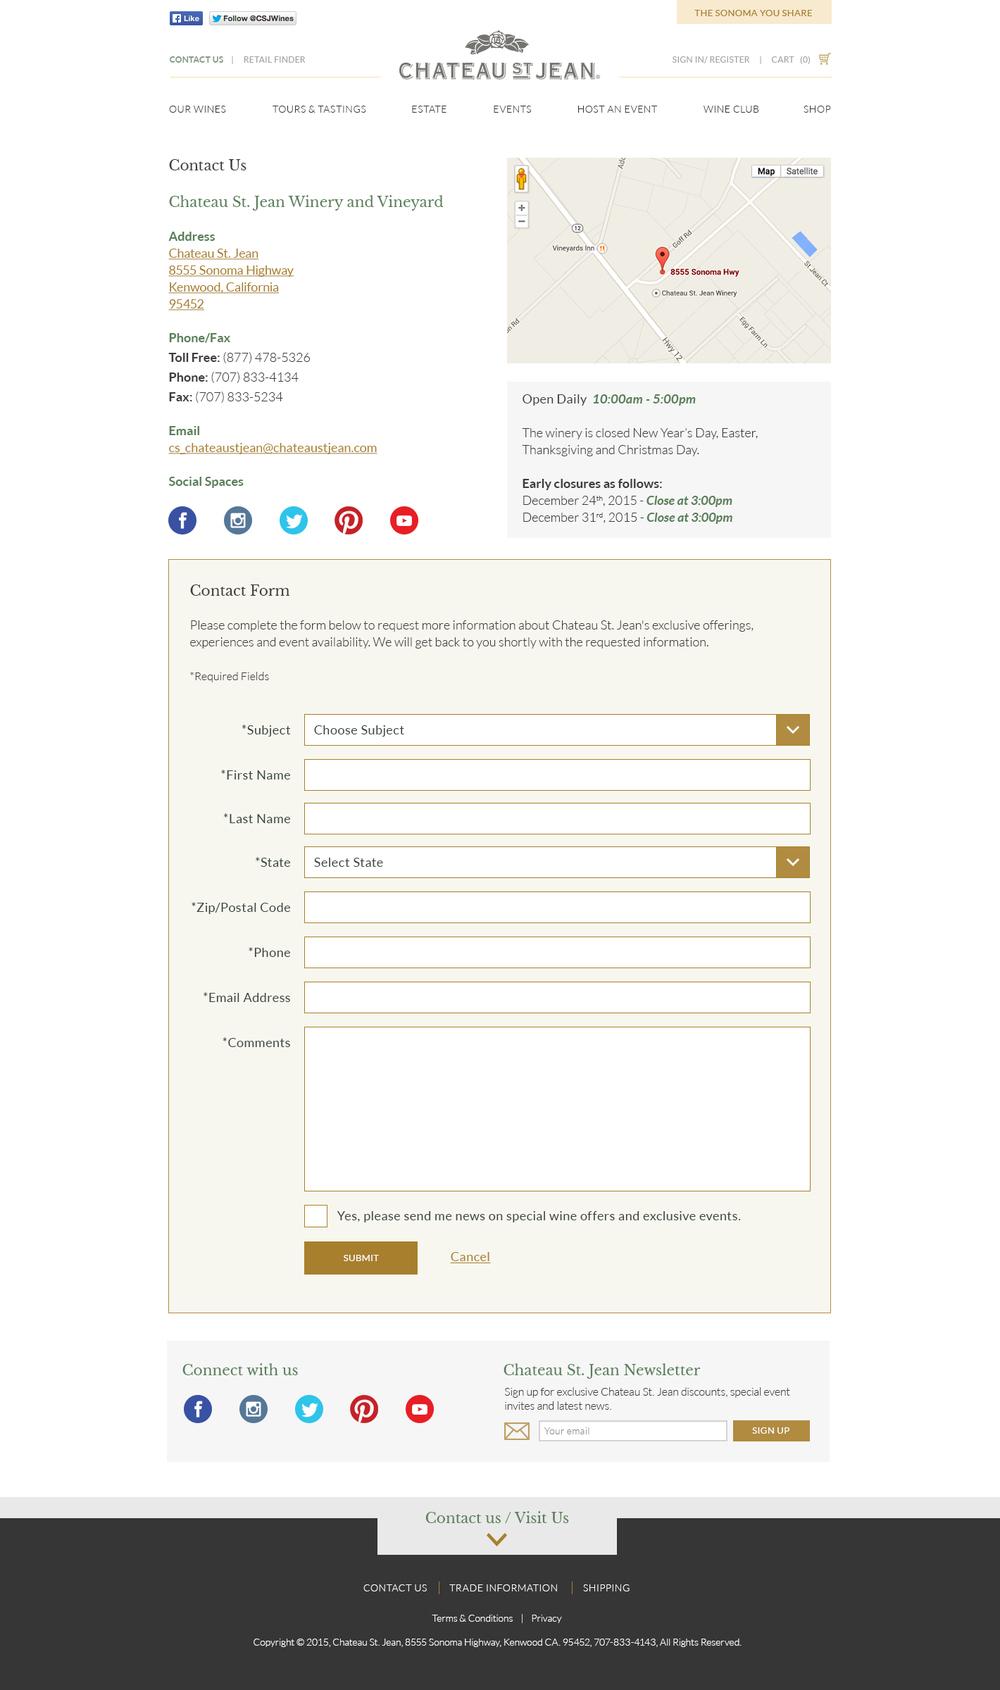 TRE01-018_CSJ-Website-Redesign_08ContactUs(v00.03).jpg